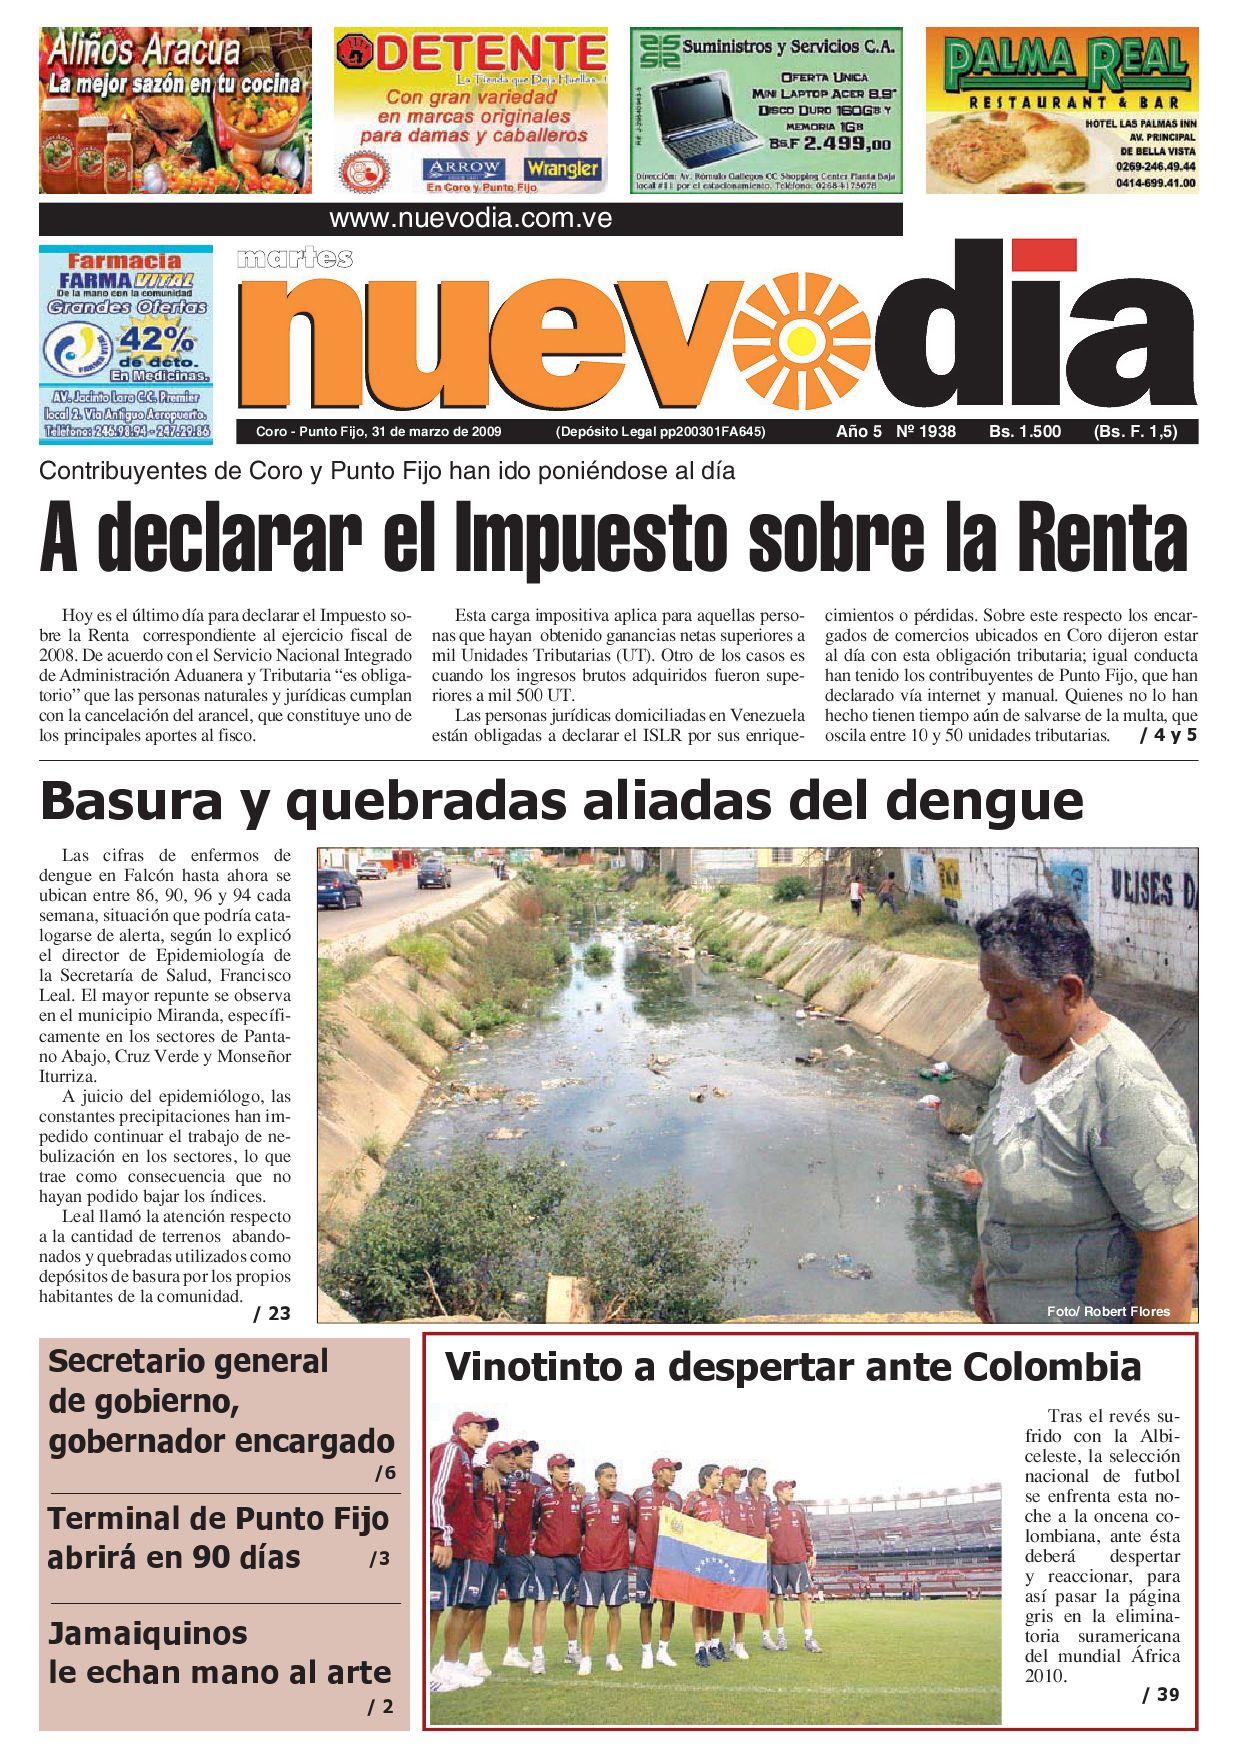 Diario Nuevodia Martes 31-03-2009 by Diario Nuevo Día - issuu